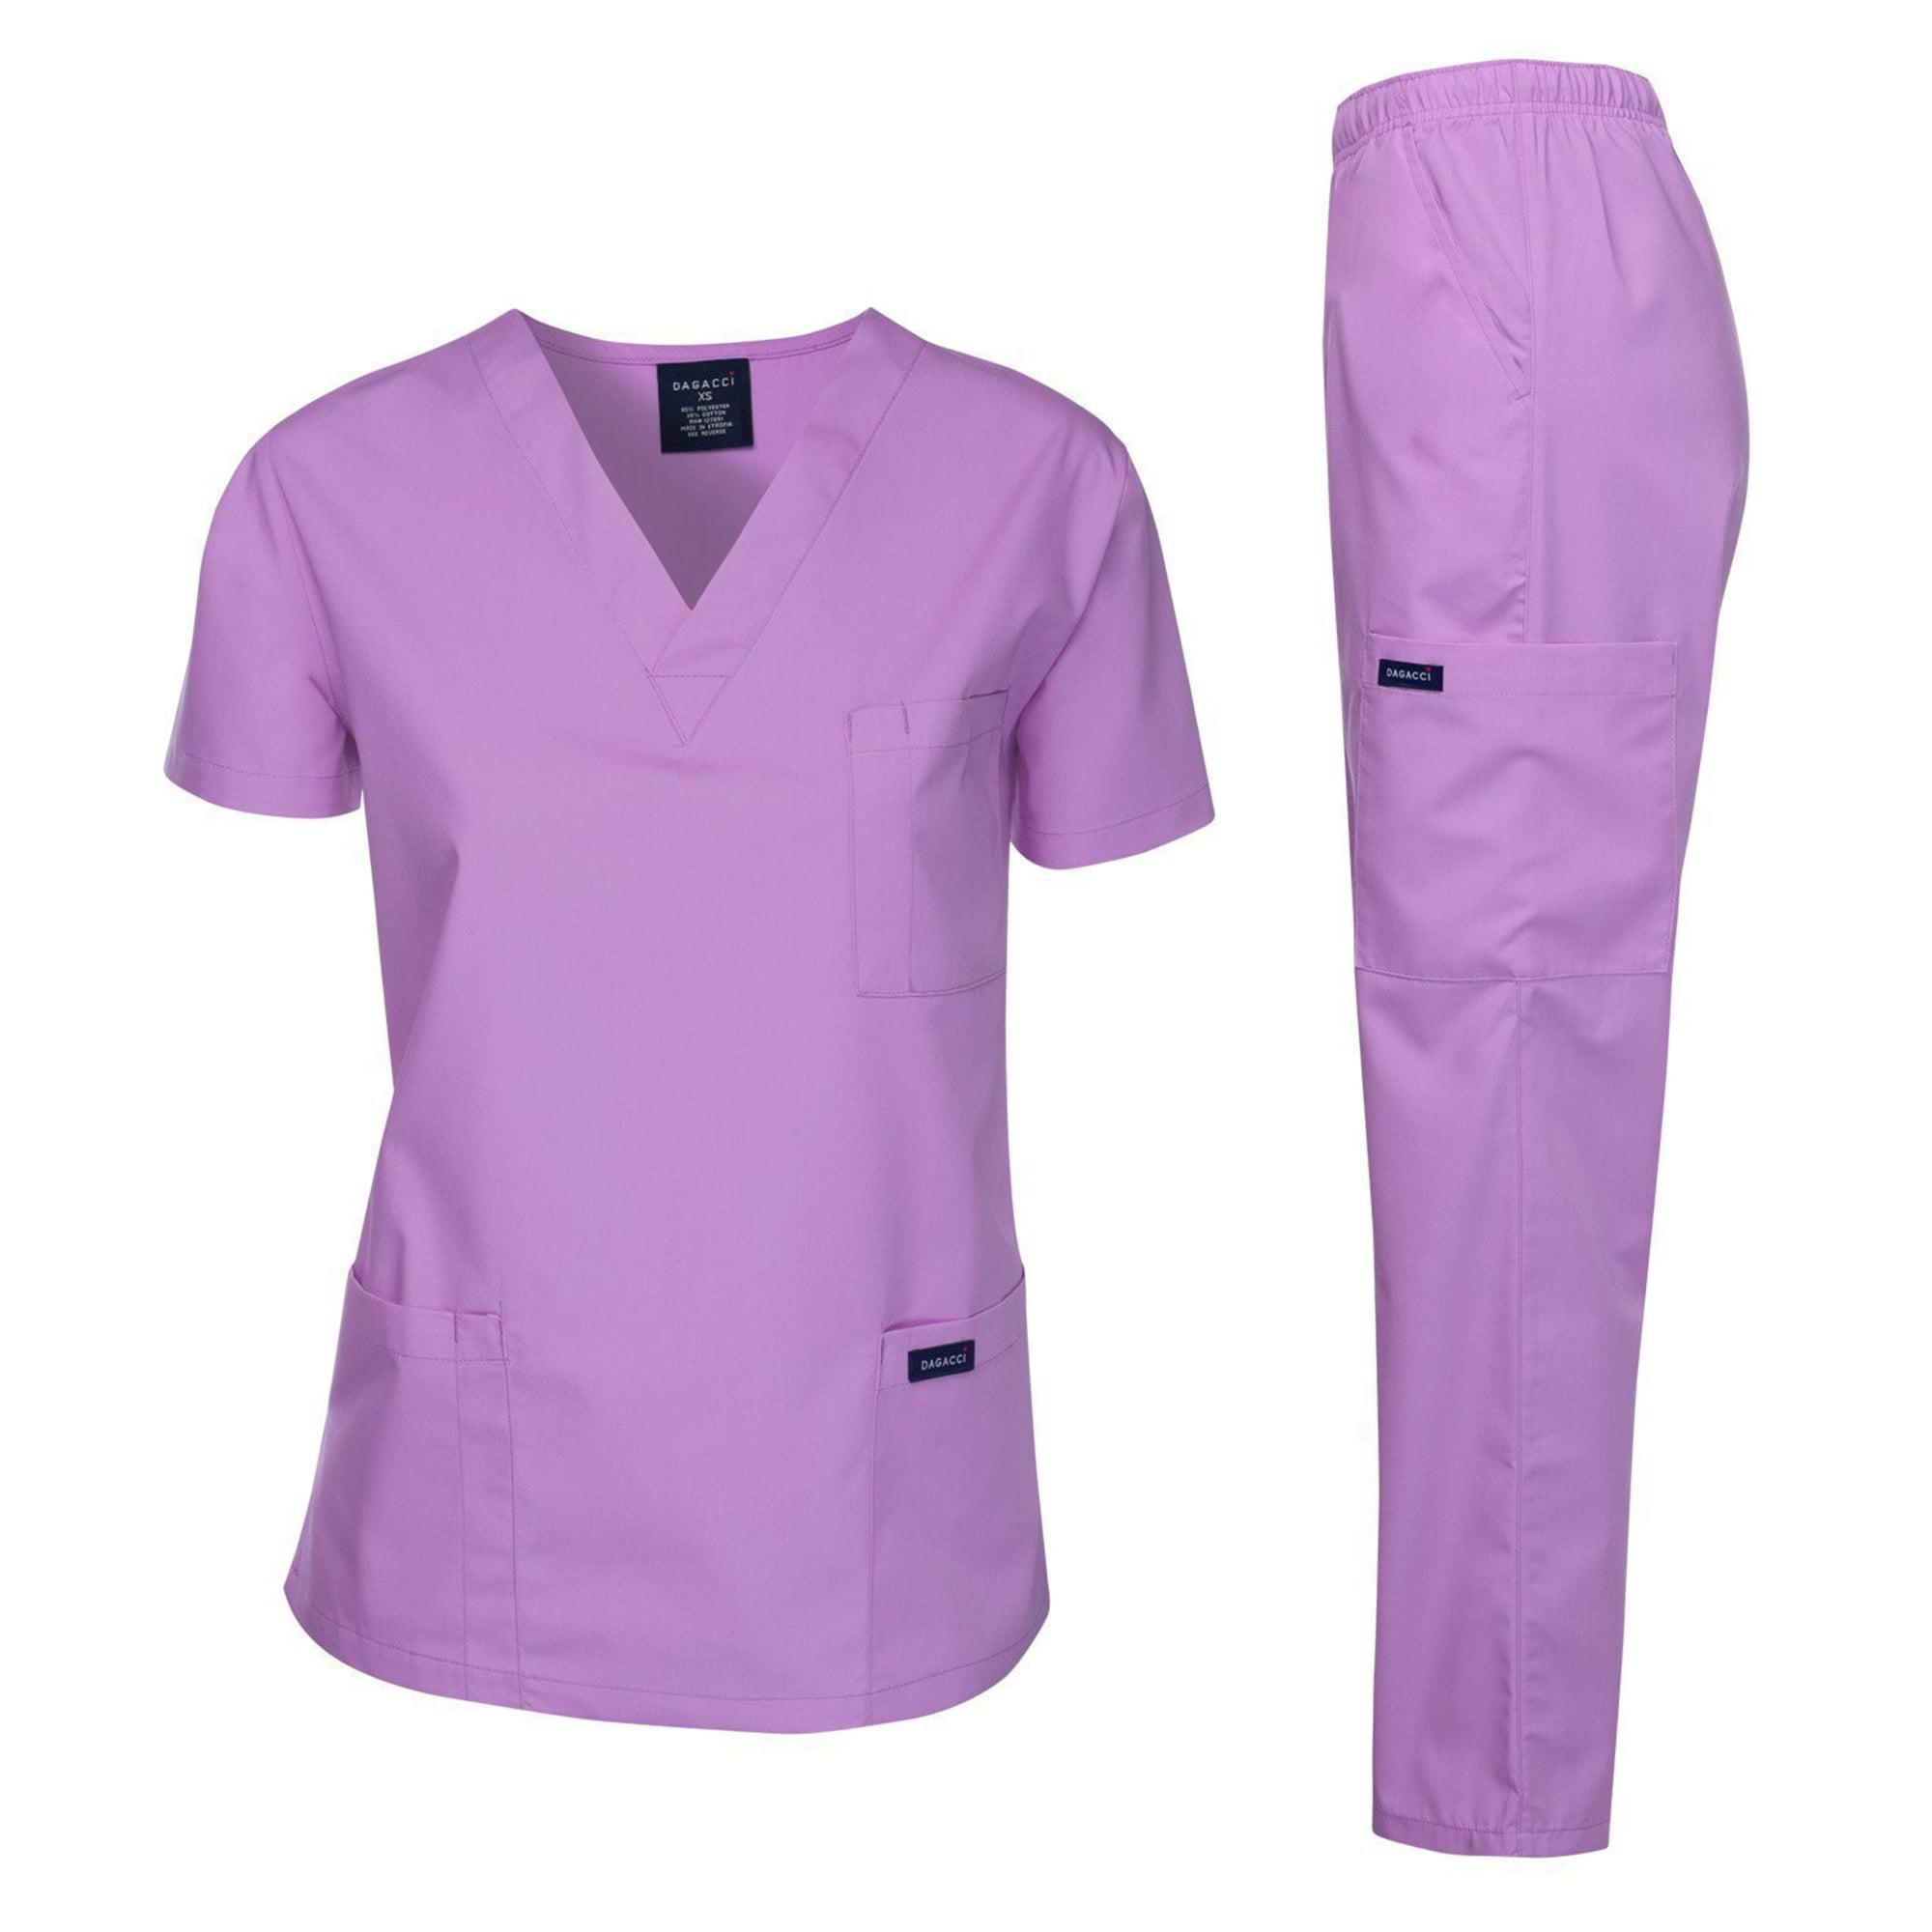 Dagacci Unisex Medical Uniform Scrub Set